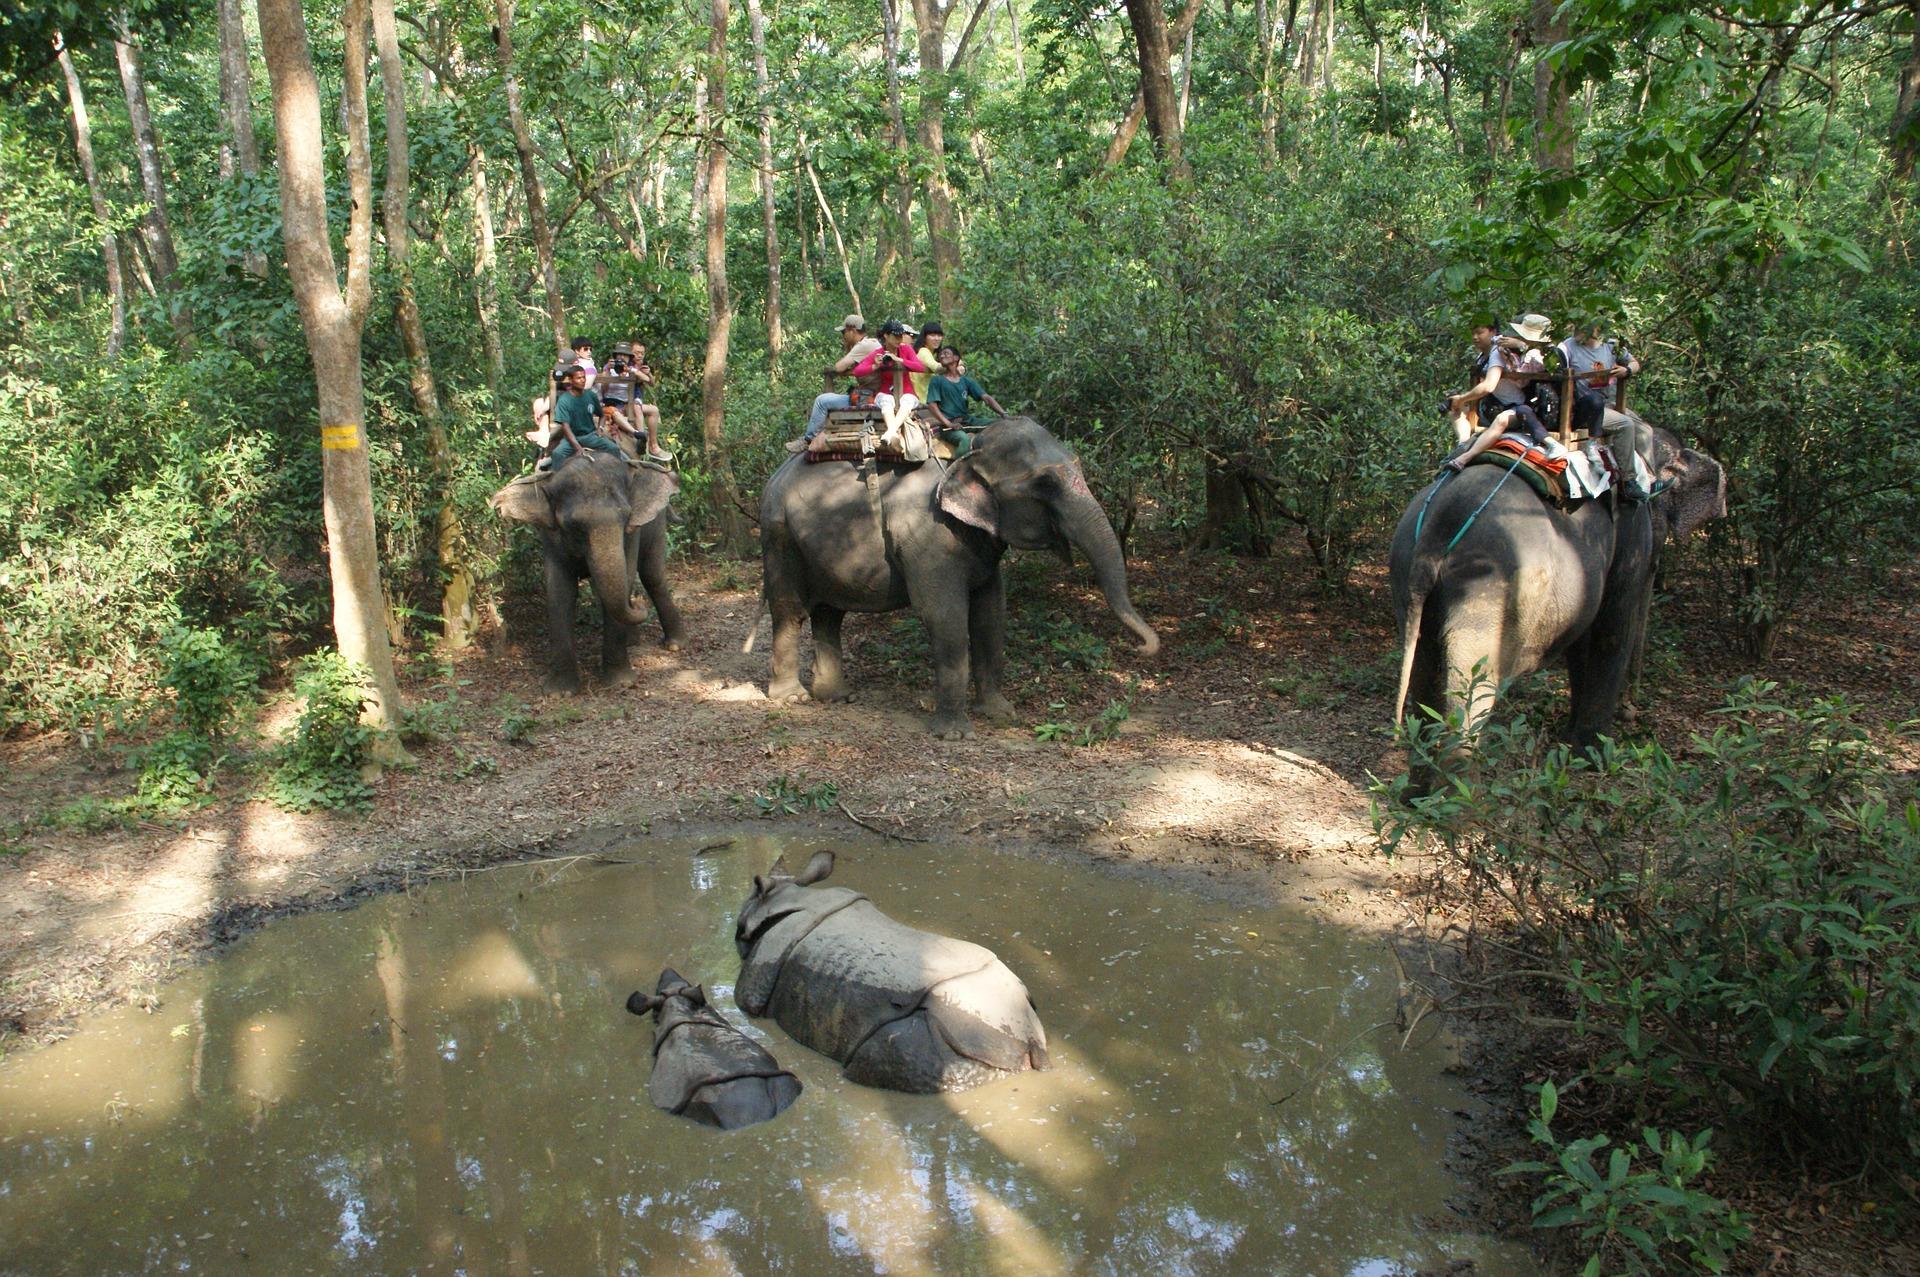 Los santuarios de elefantes en Tailandia